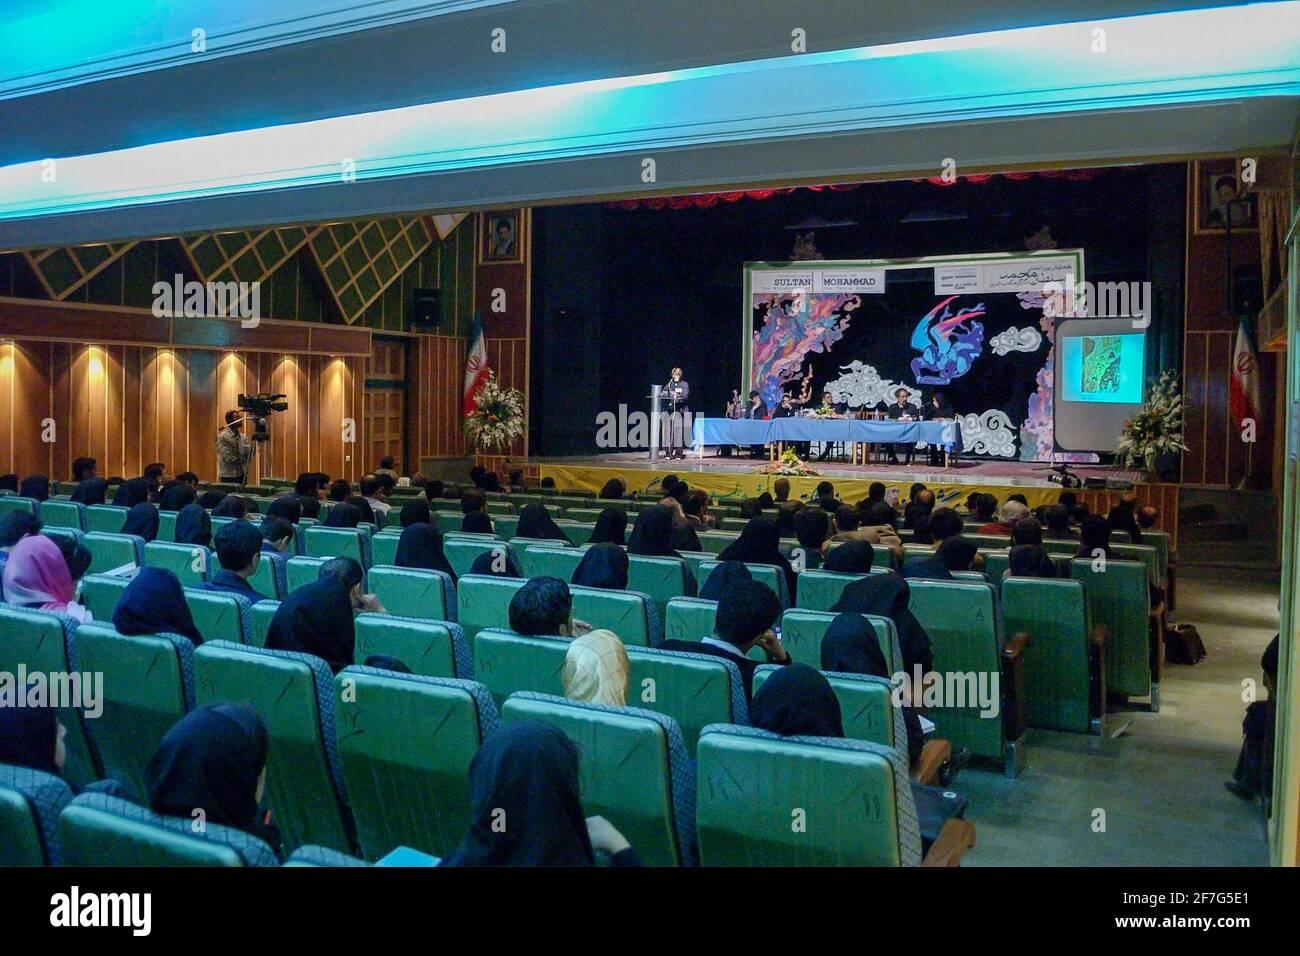 Presentación sobre conferencia internacional sobre pintura persa, Universidad de Tabriz, Irán Foto de stock